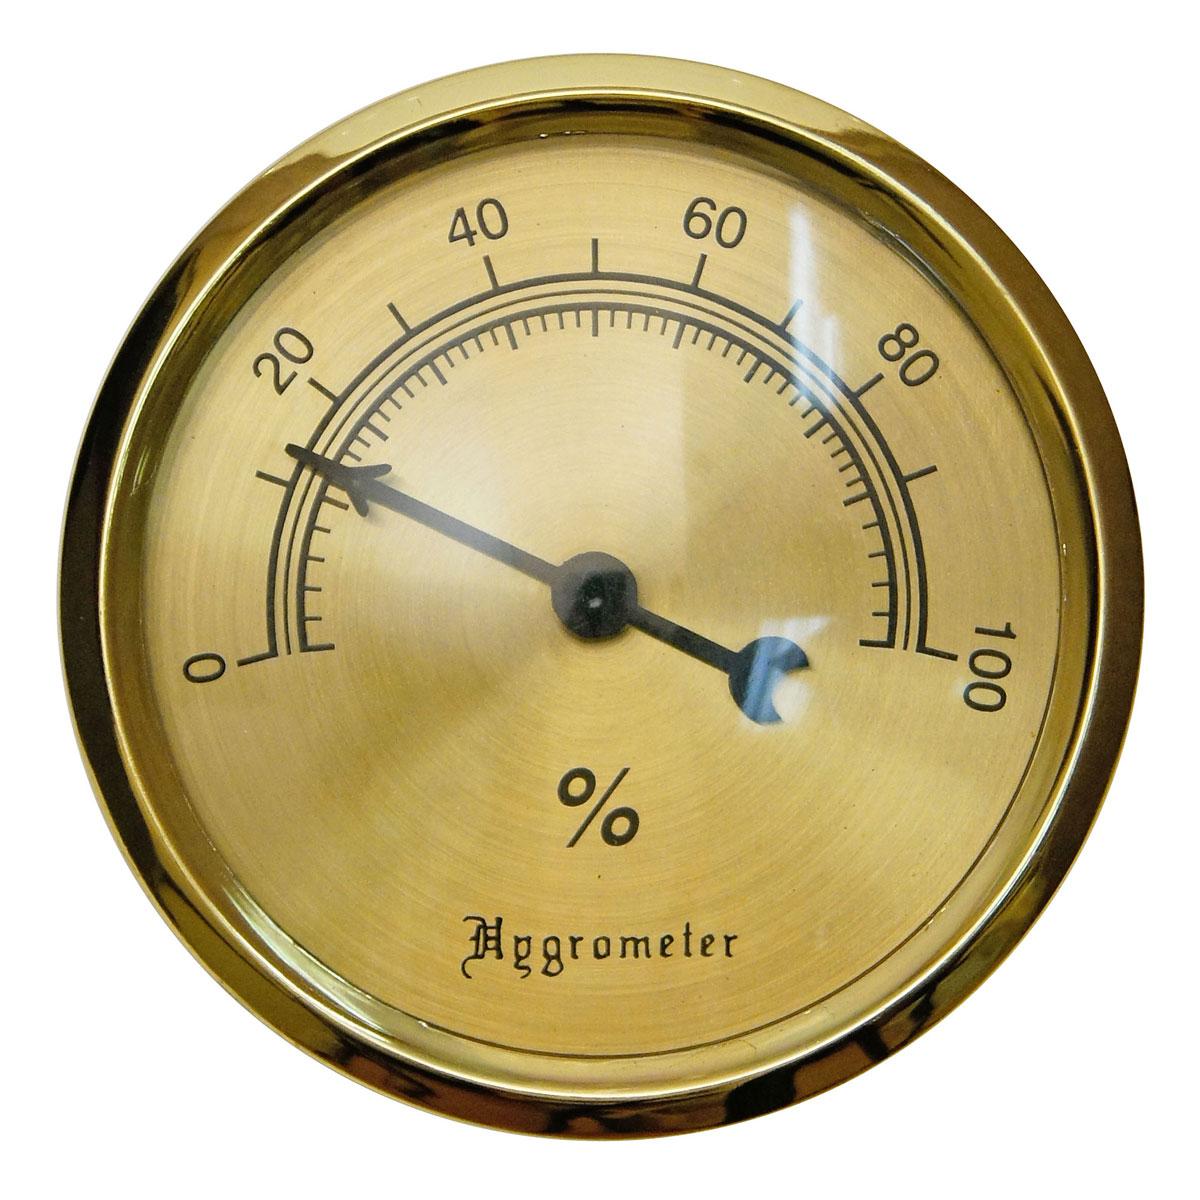 Гигрометр - прибор для измерения влажности воздуха